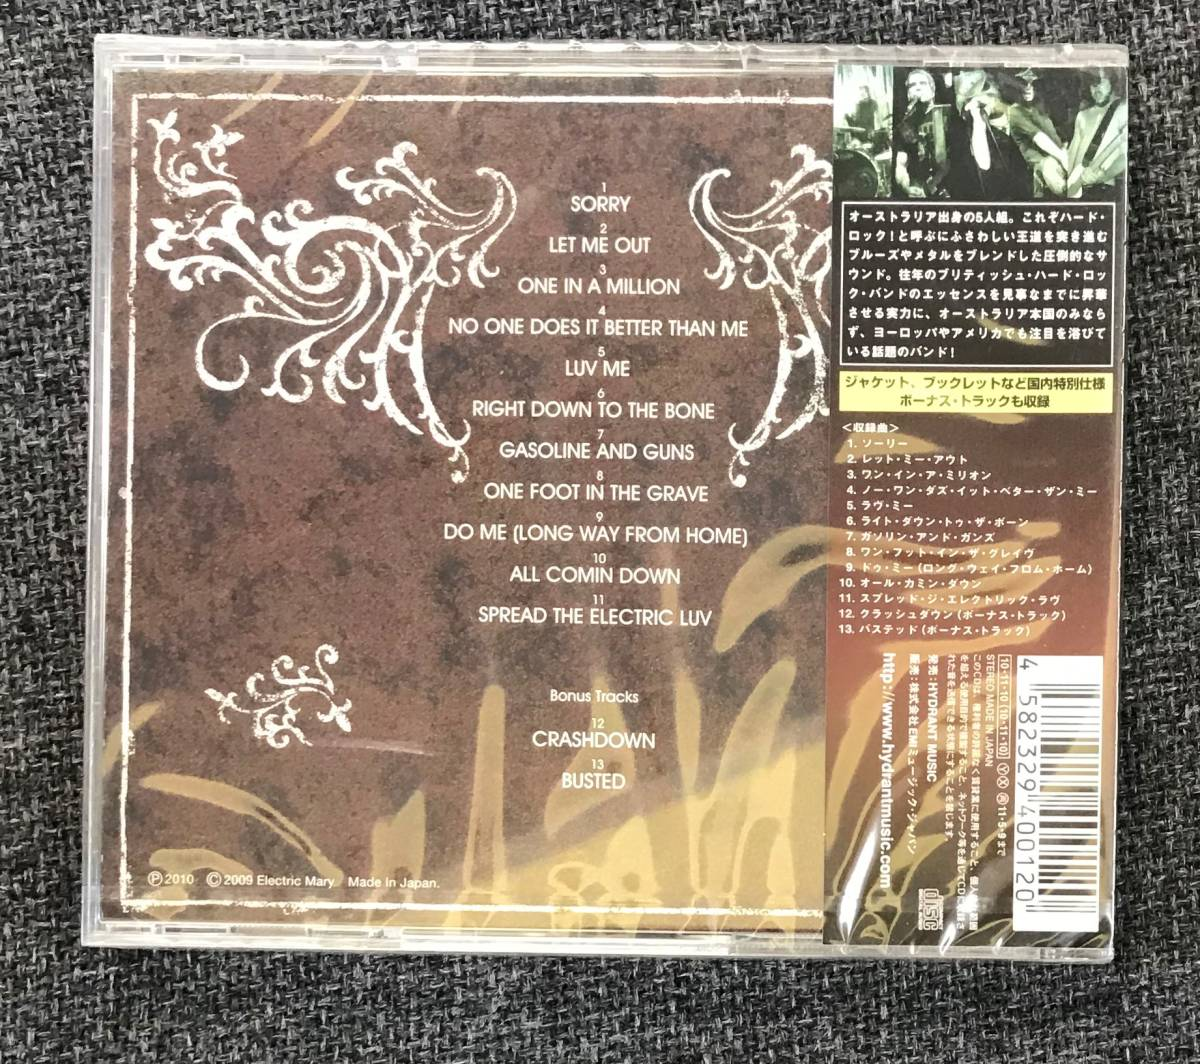 新品未開封CD☆エレクトリック・メアリー ダウン・トゥ・ザ・ボーン/QIHC-10012_画像2